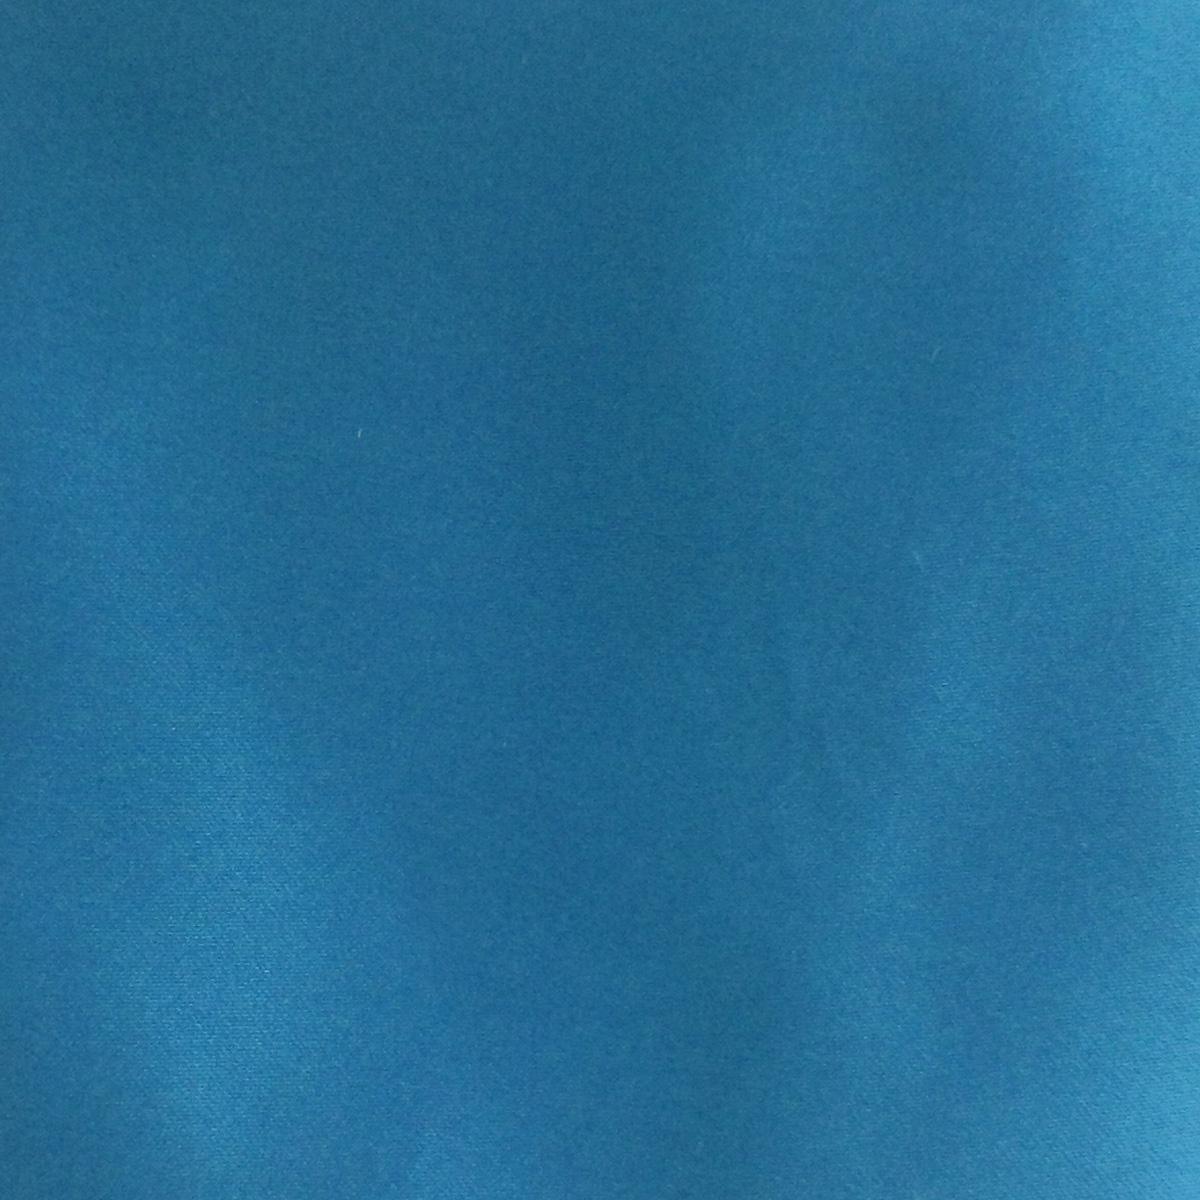 B1764 12 light blue mens ties facemasks con murphys menswear cork - - Con Murphys Menswear